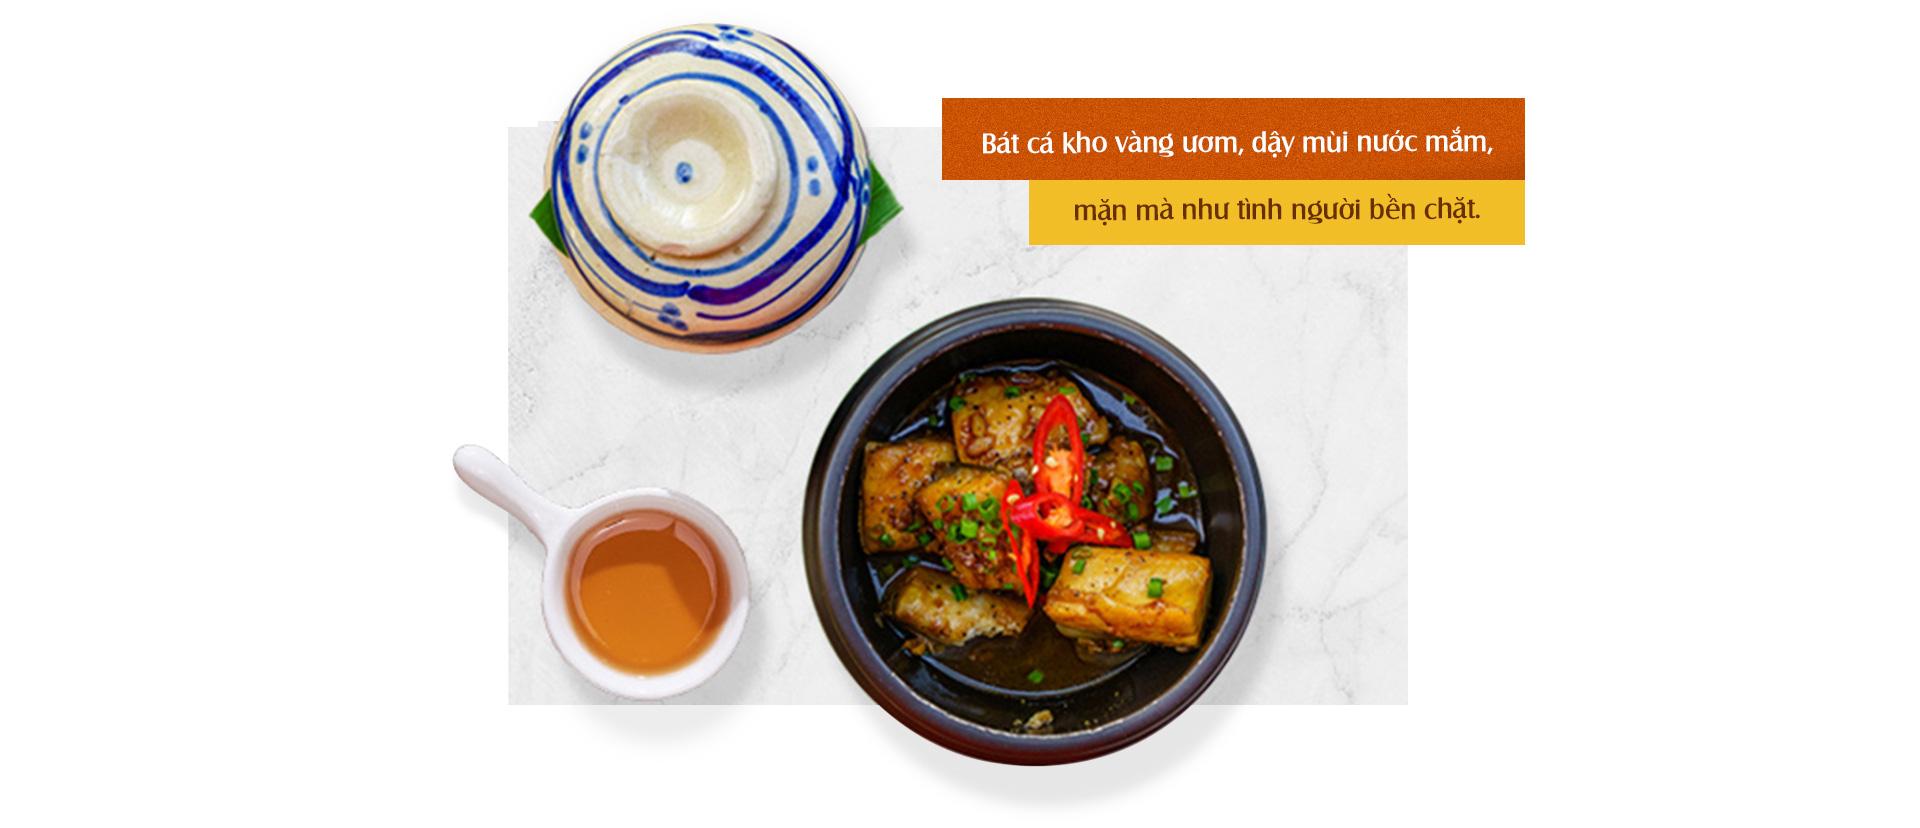 Nước mắm - gói trọn tinh túy ẩm thực Việt trong chiếc chén nhỏ gắn kết bao thế hệ gia đình - Ảnh 3.